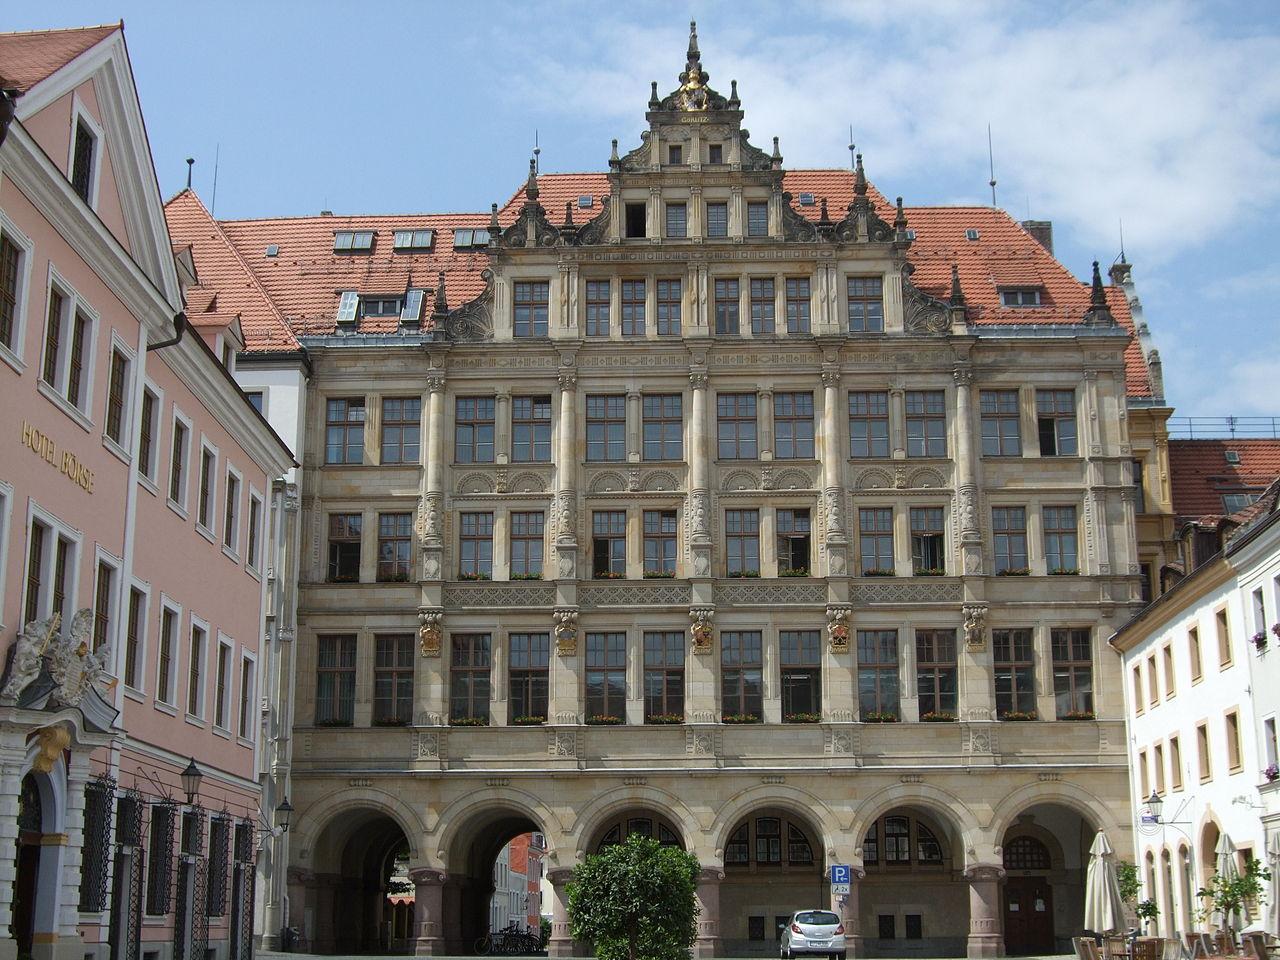 Гёрлиц, Германия: самые интересные места, чем заняться, лучшие рестораны